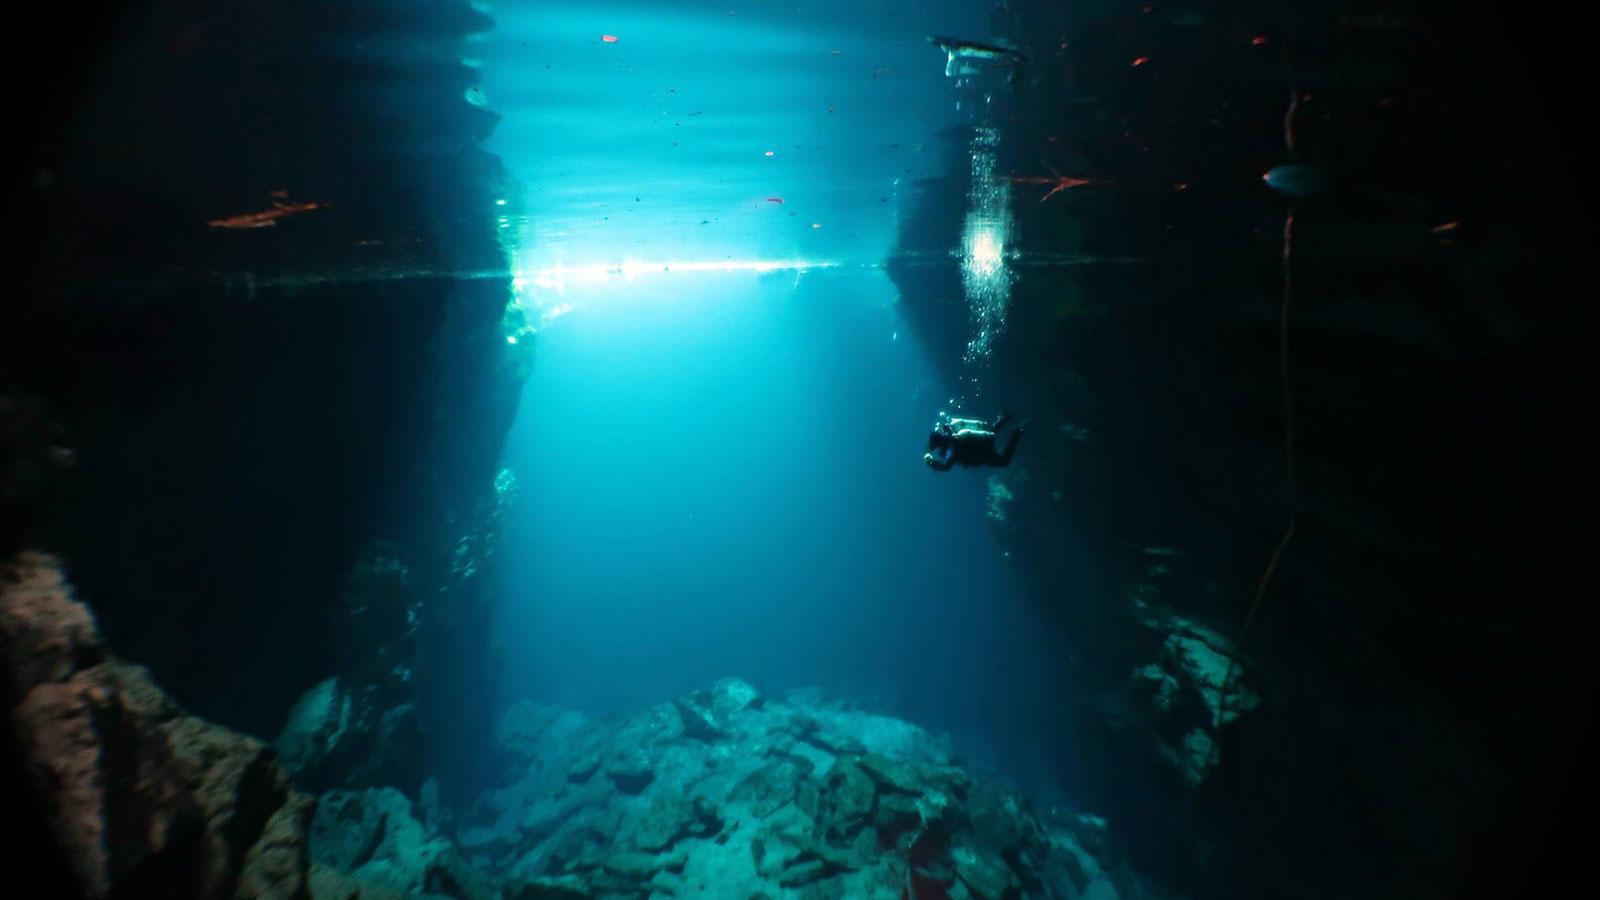 Οι δυο θαλάσσιες σπηλιές που έχουν συγκλονίσει τους πιο τολμηρούς ταξιδιώτες!!!